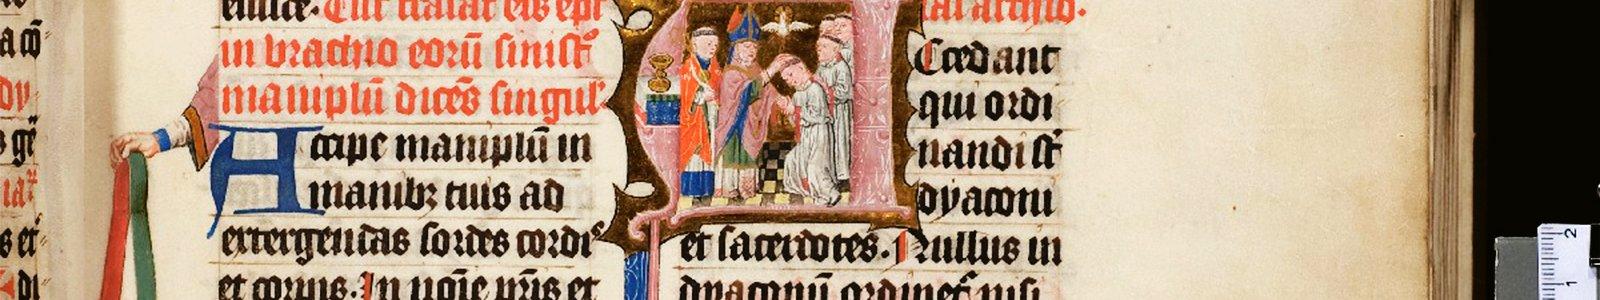 Het Pontificale van Sinte Marie uit de bijzondere collecties van de Universiteitsbibliotheek Utrecht